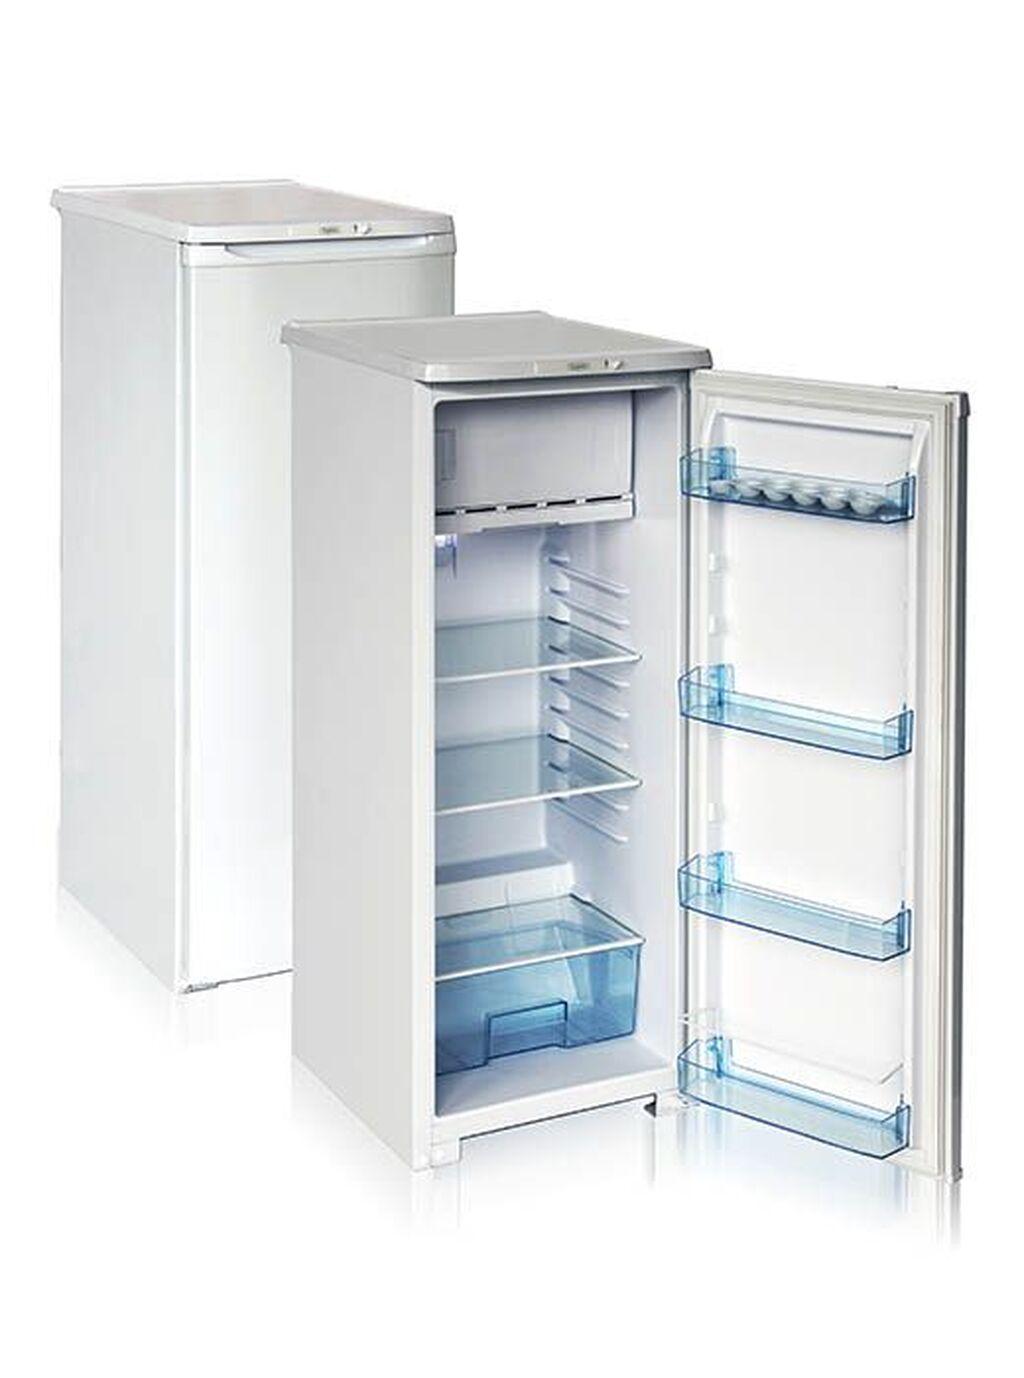 Новый Встраиваемый Белый холодильник Бирюса